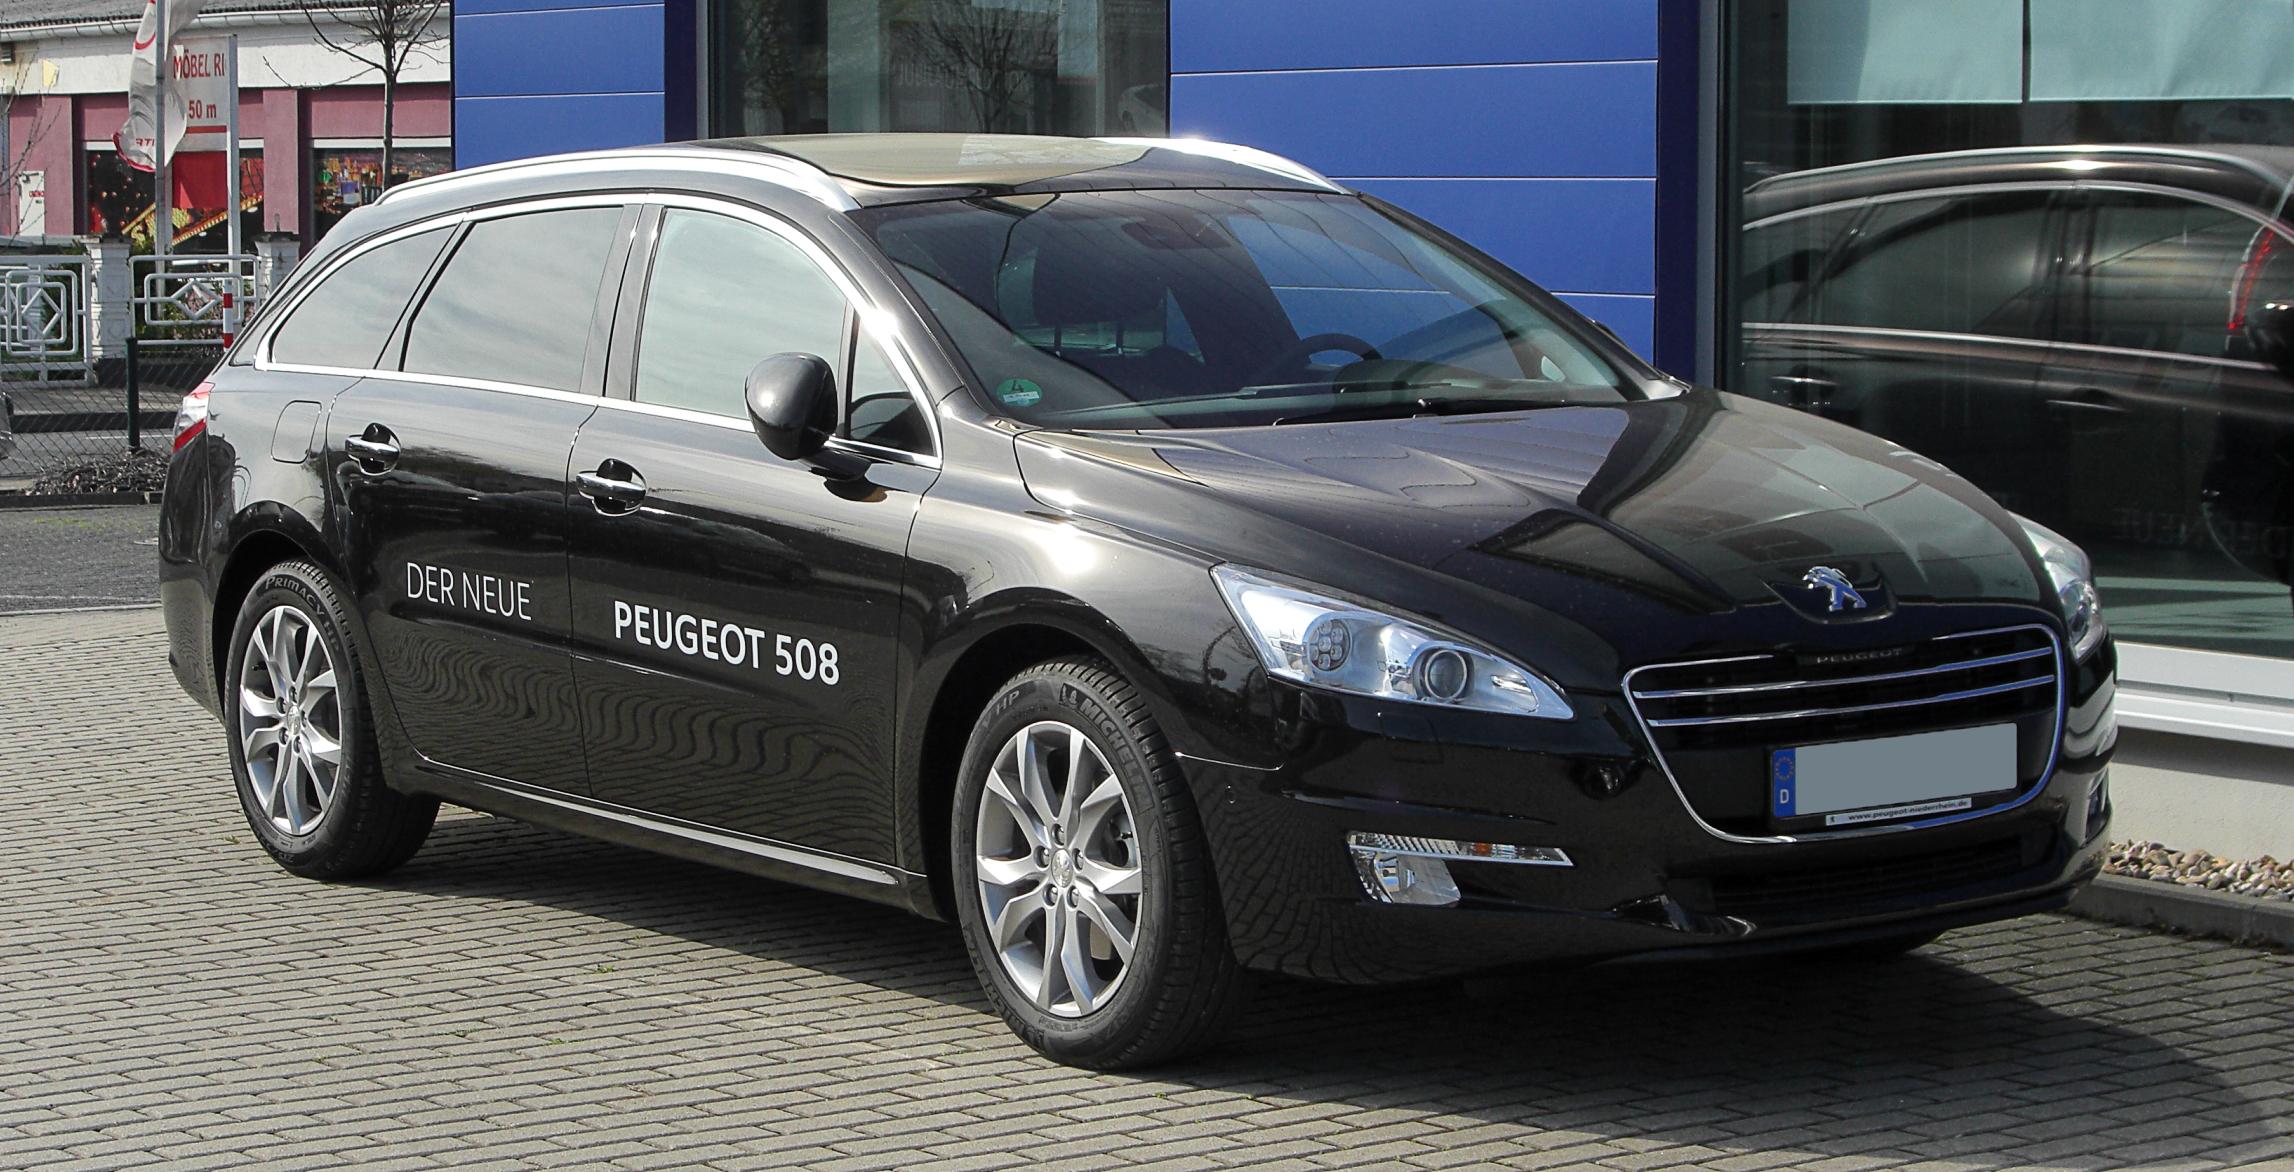 File Peugeot 508 Sw Frontansicht 2 April 2011 Hilden Jpg